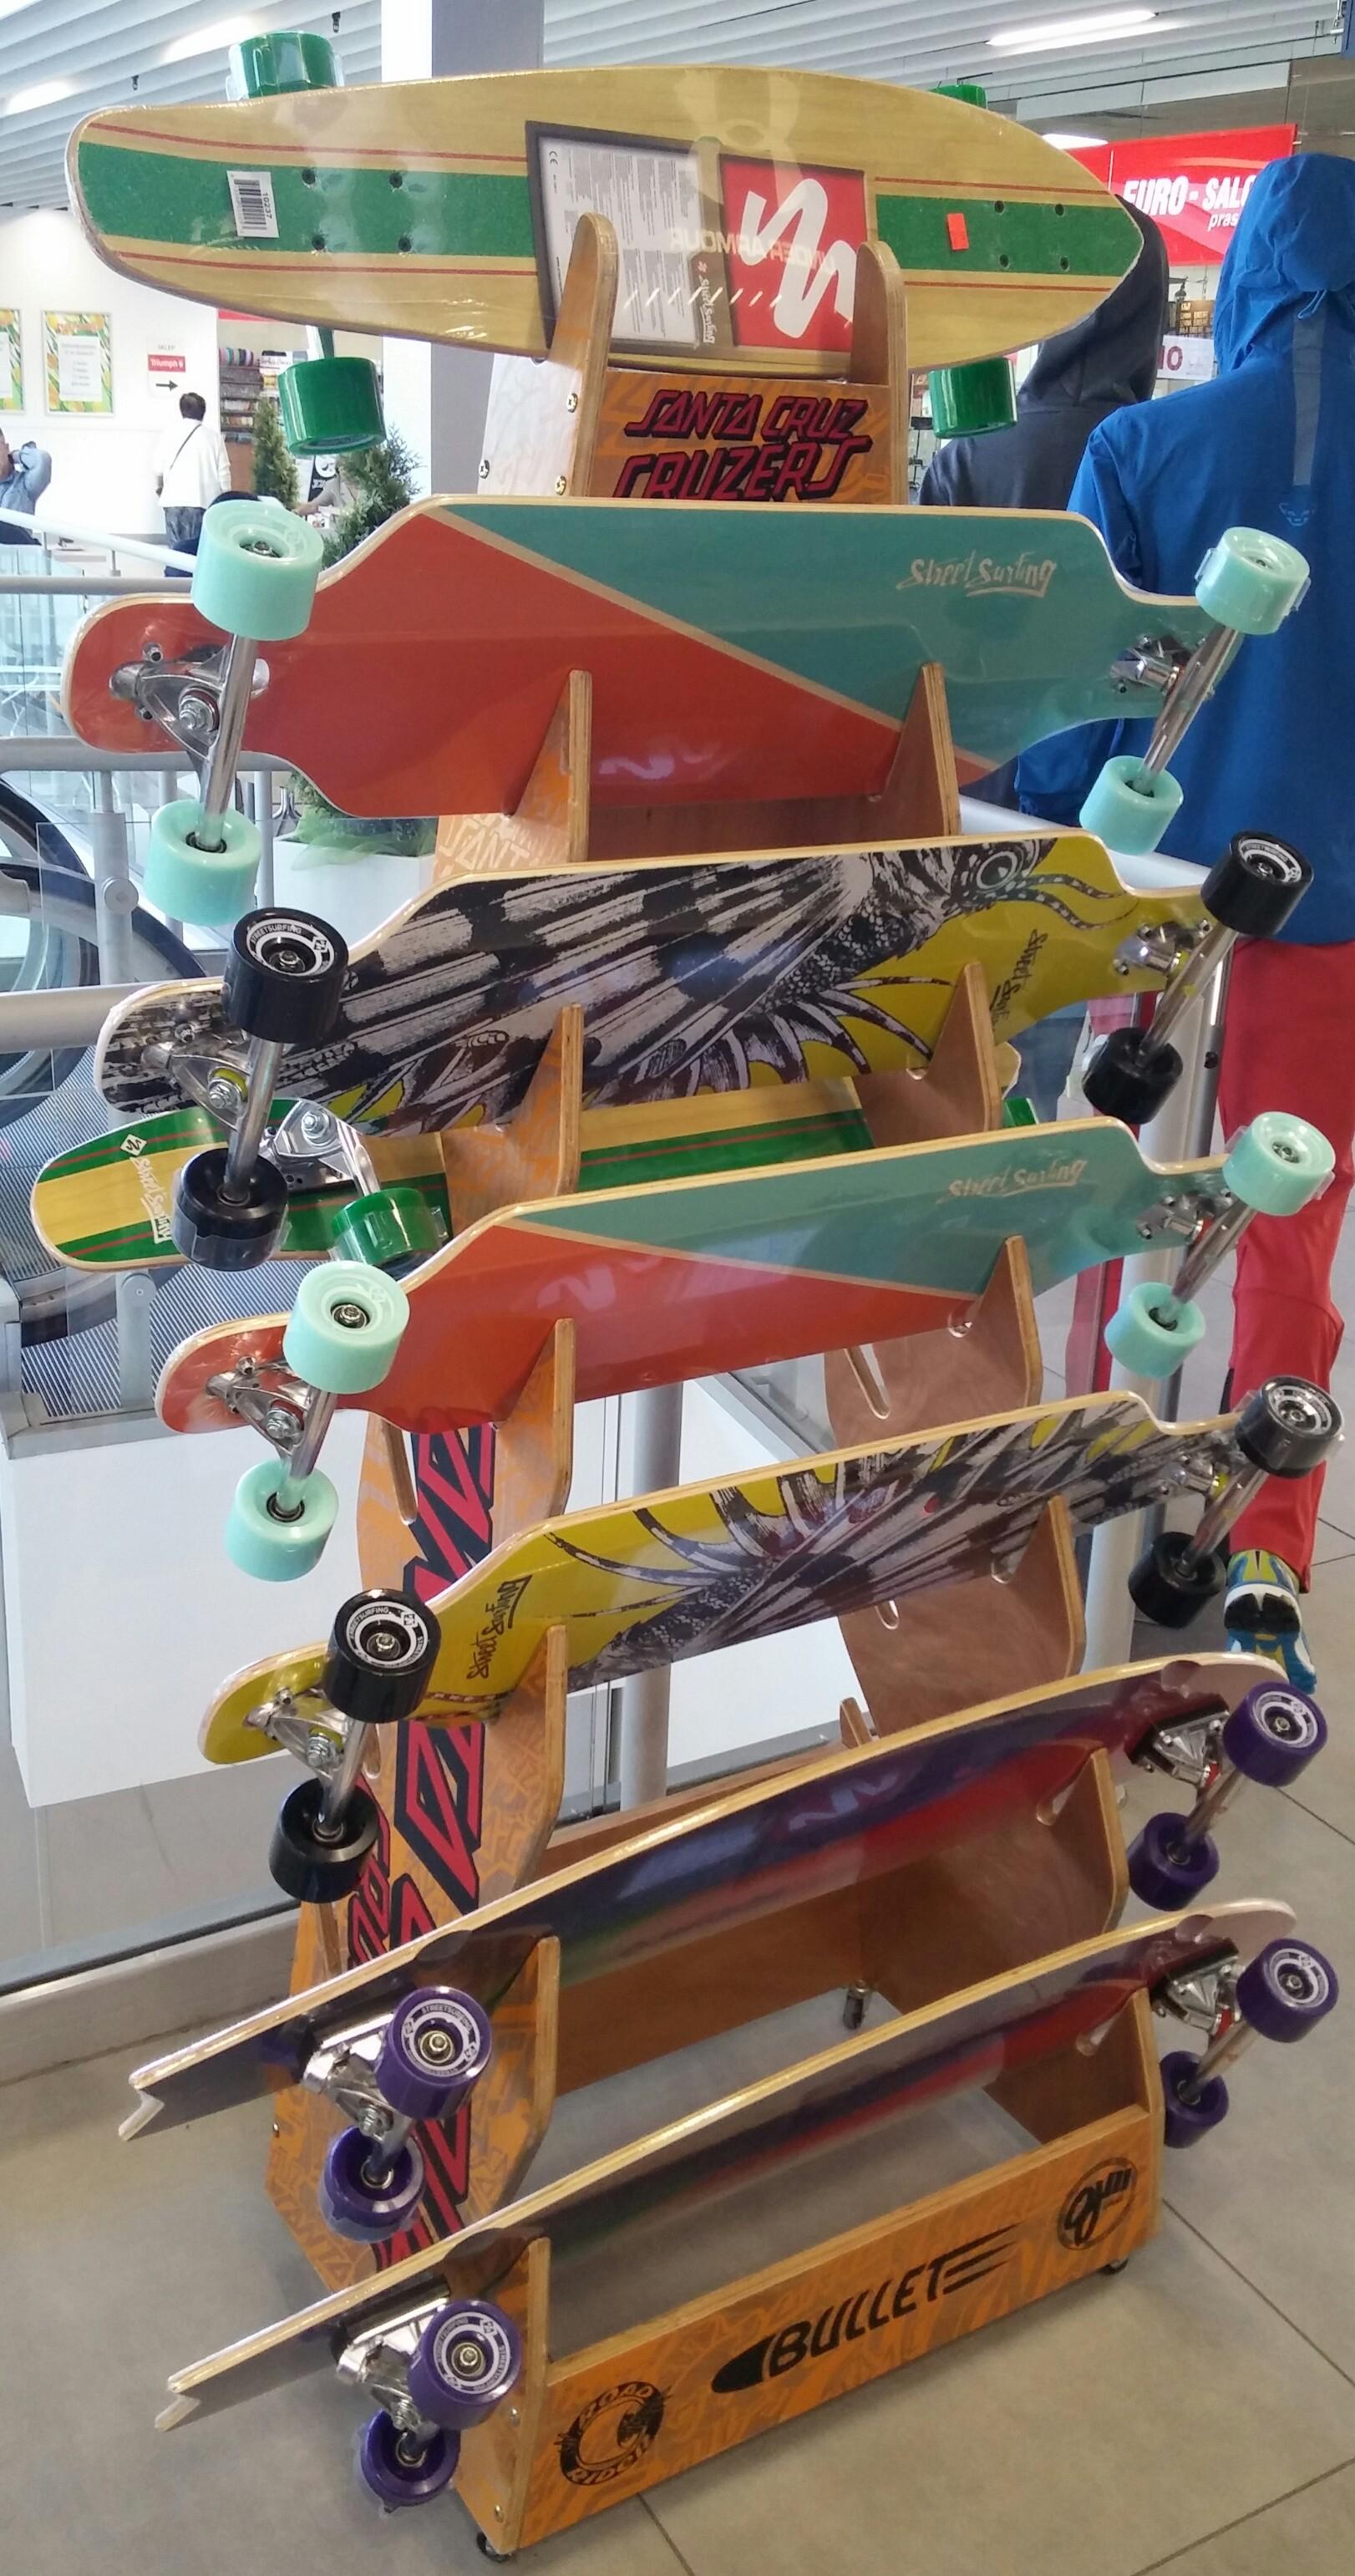 longboard-street-surfing-poznan